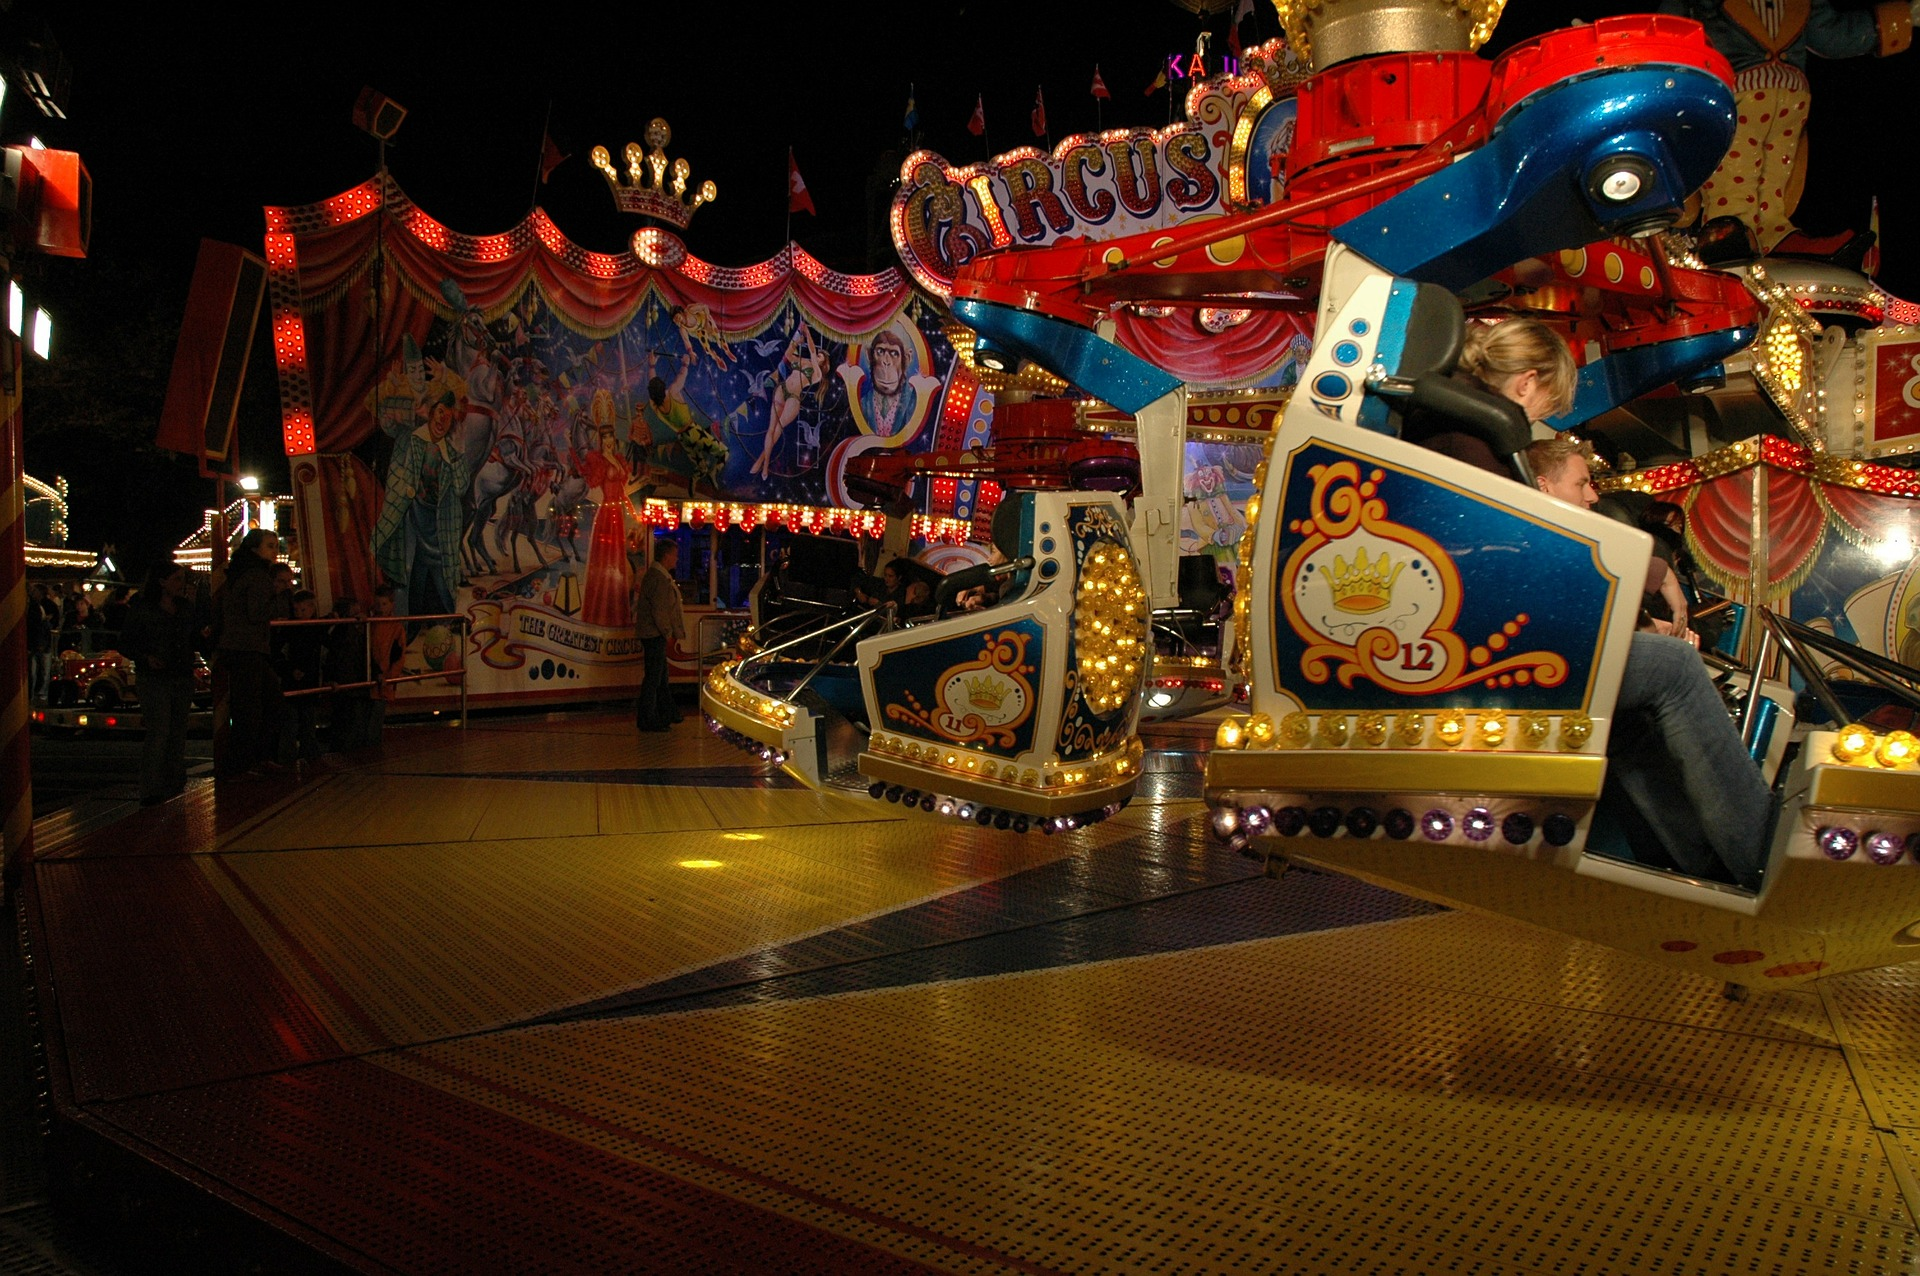 Posticipata la chiusura del Luna Park in Piazza Leone Tommasi